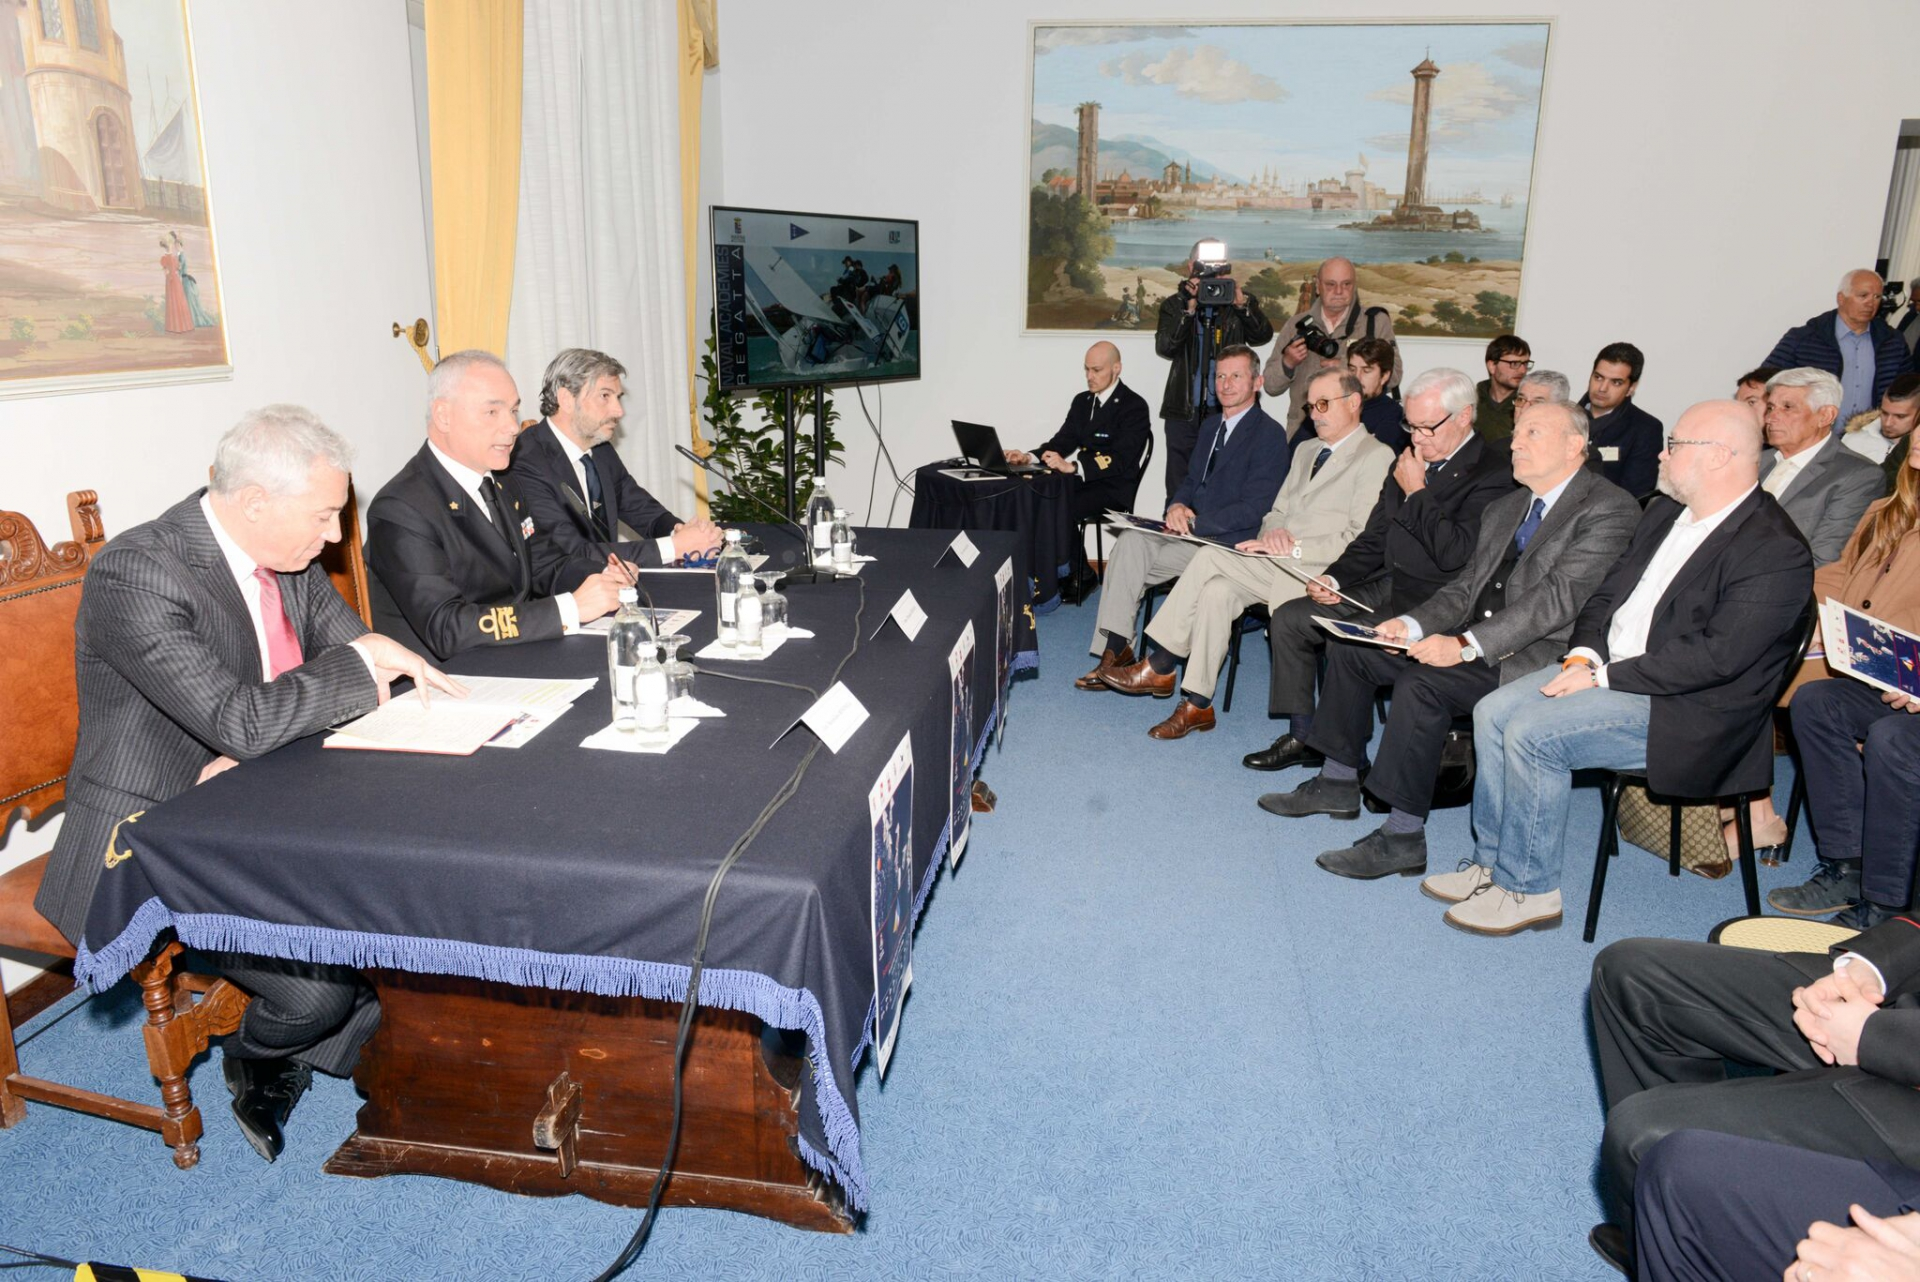 Presentata oggi a Livorno la RAN nell'ambito della SVI19 - NEWS - Yacht Club Costa Smeralda